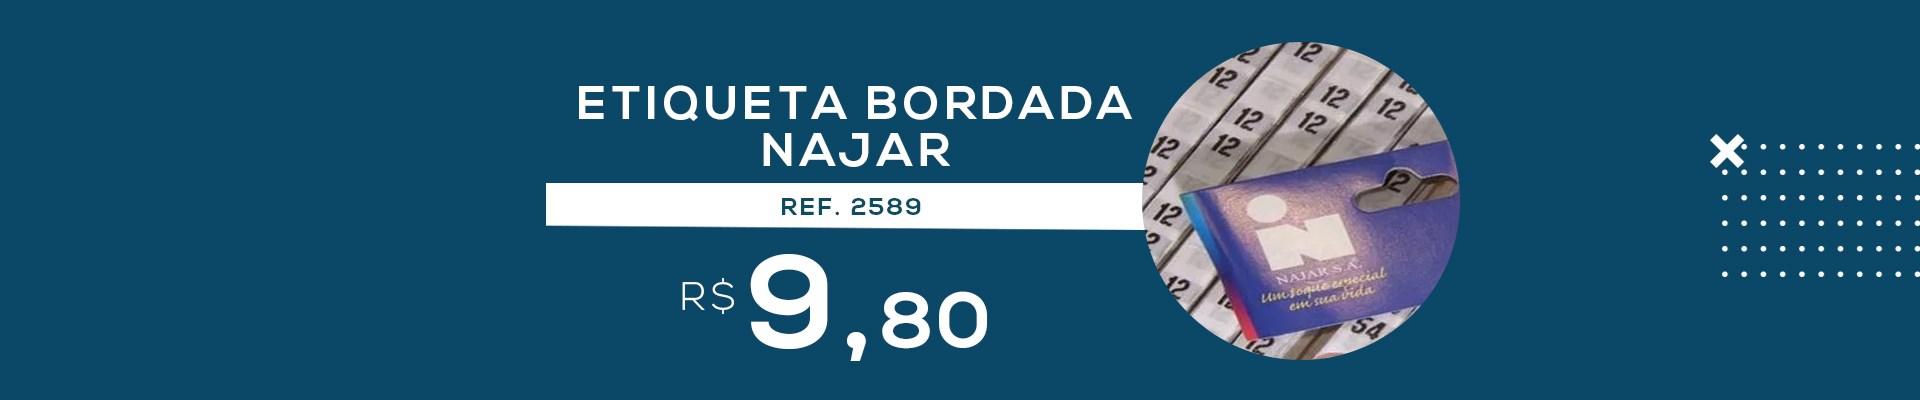 ETIQUETA BORDADA NAJAR REF.2589